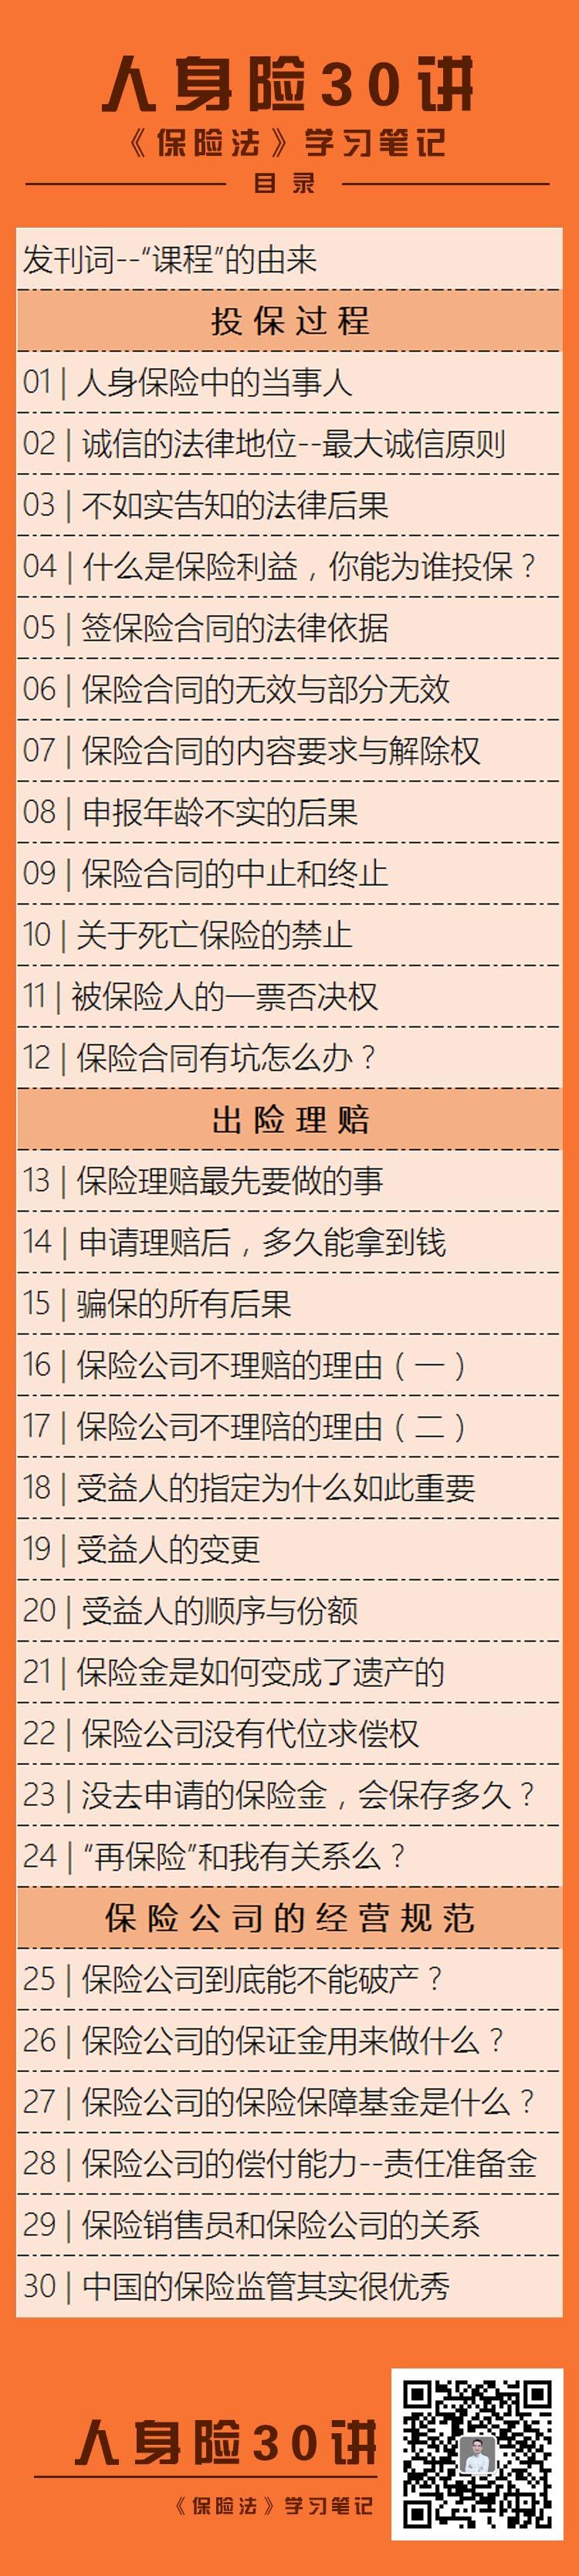 中华人民共和国新保险法于2009什么时候正式实施